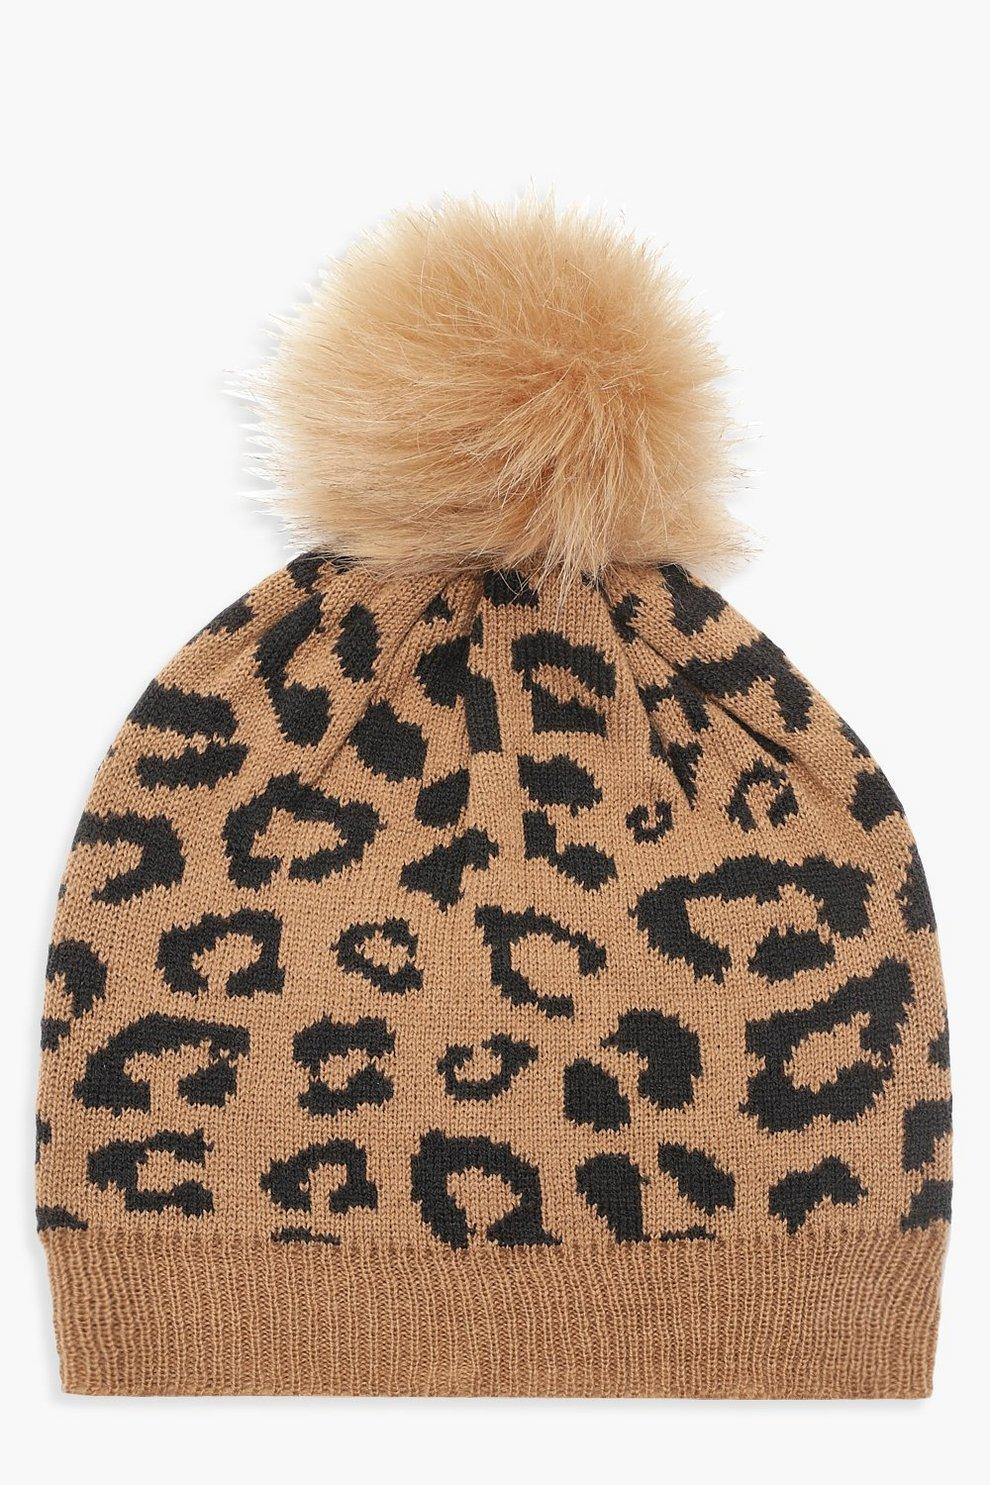 5c88ee3a210 Bonnet à pompon en fausse fourrure léopard